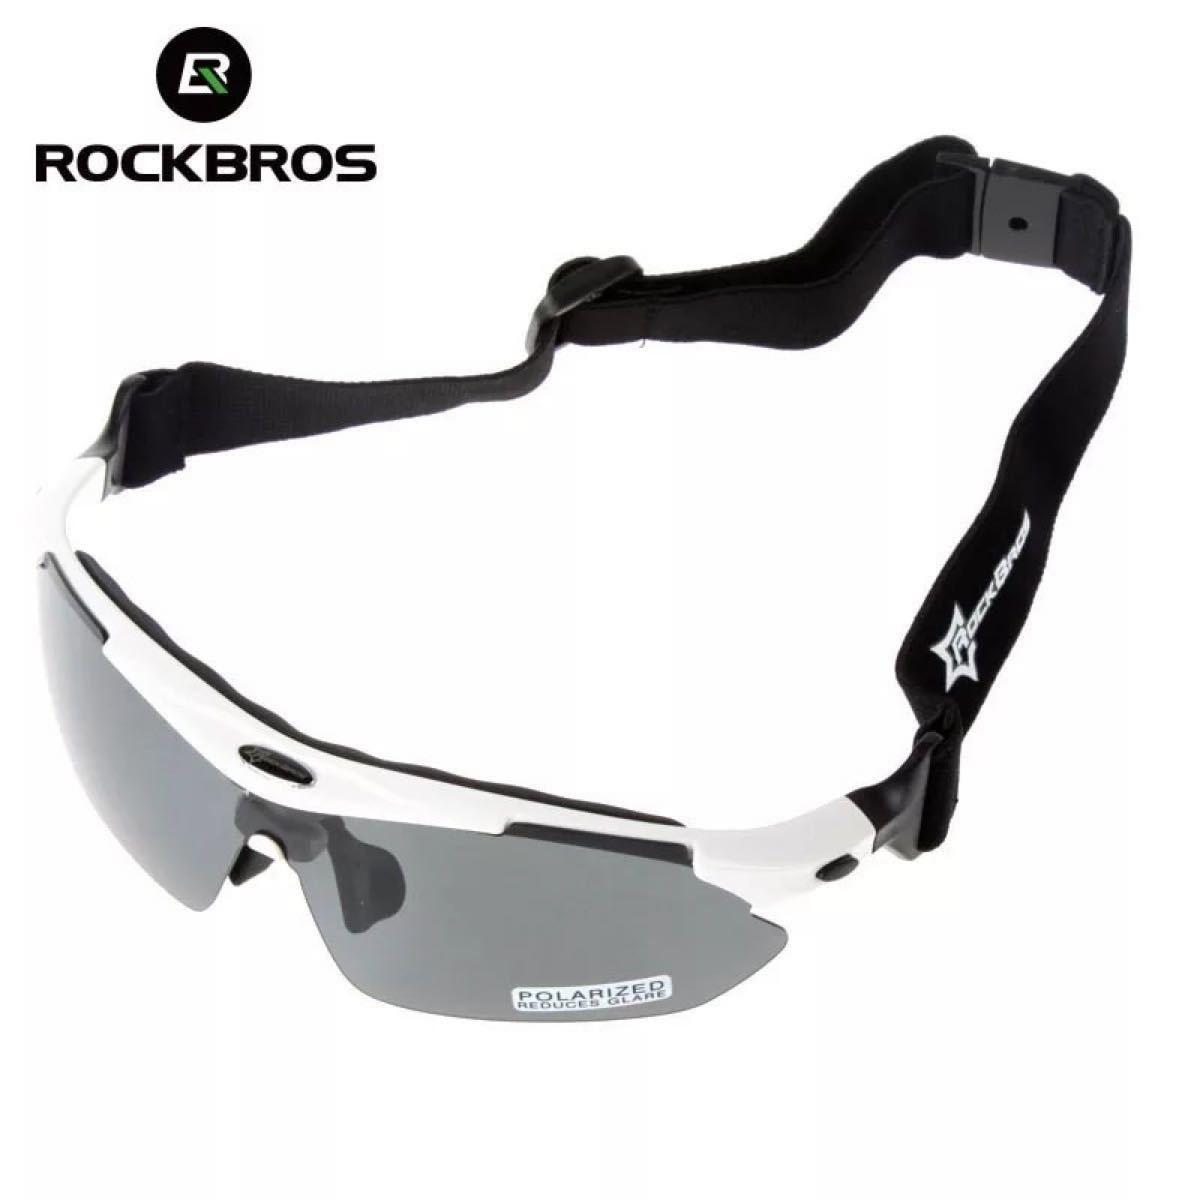 スポーツサングラス 偏光レンズ 交換レンズ 超軽量 ロックブロス 白色